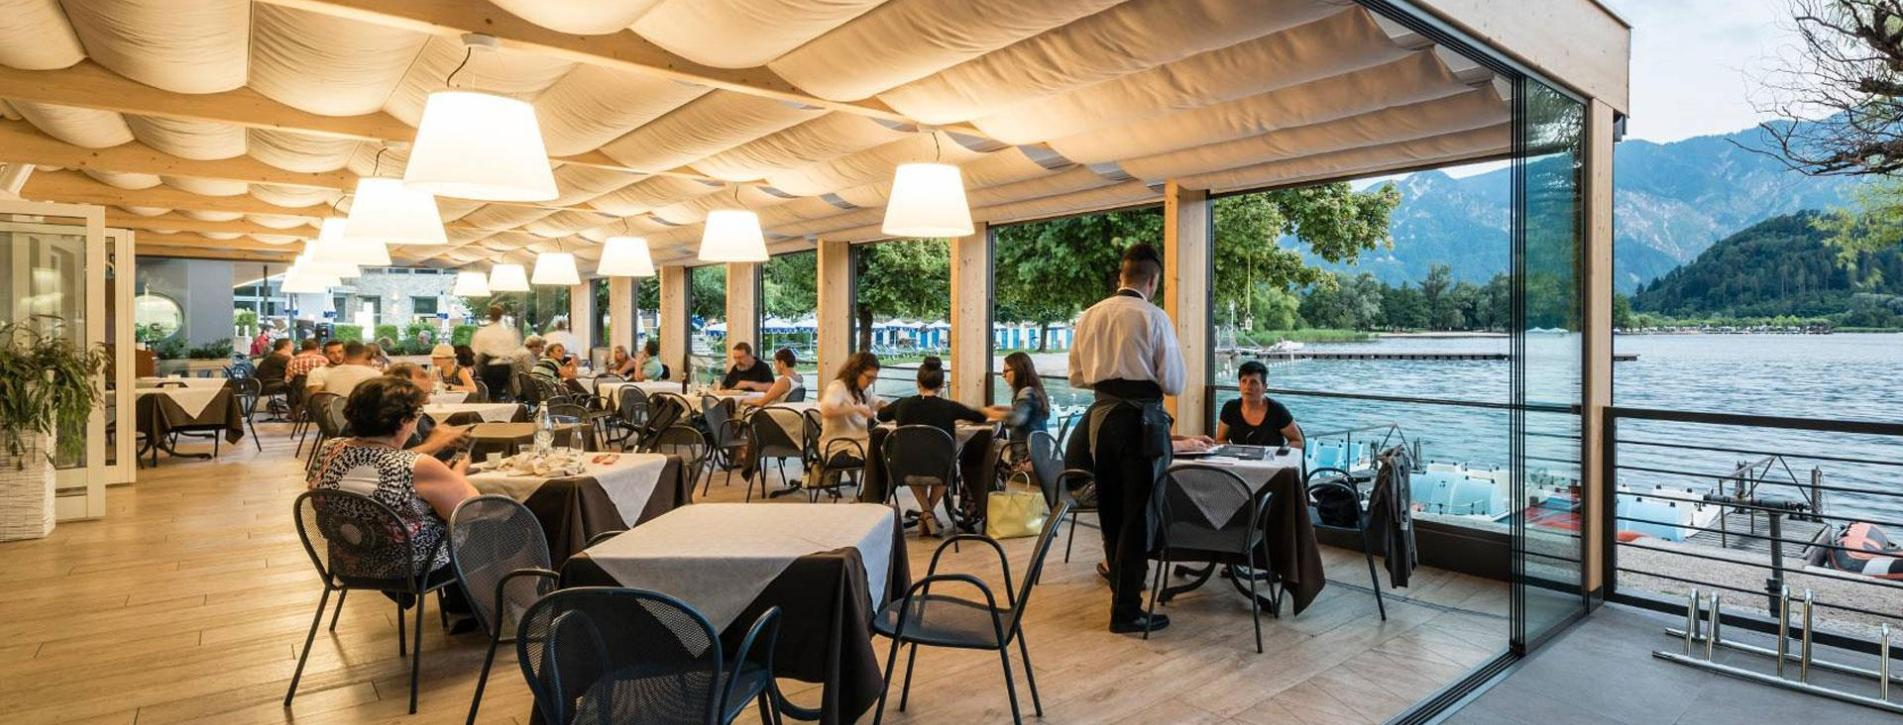 Stabilimento Balneare La Taverna